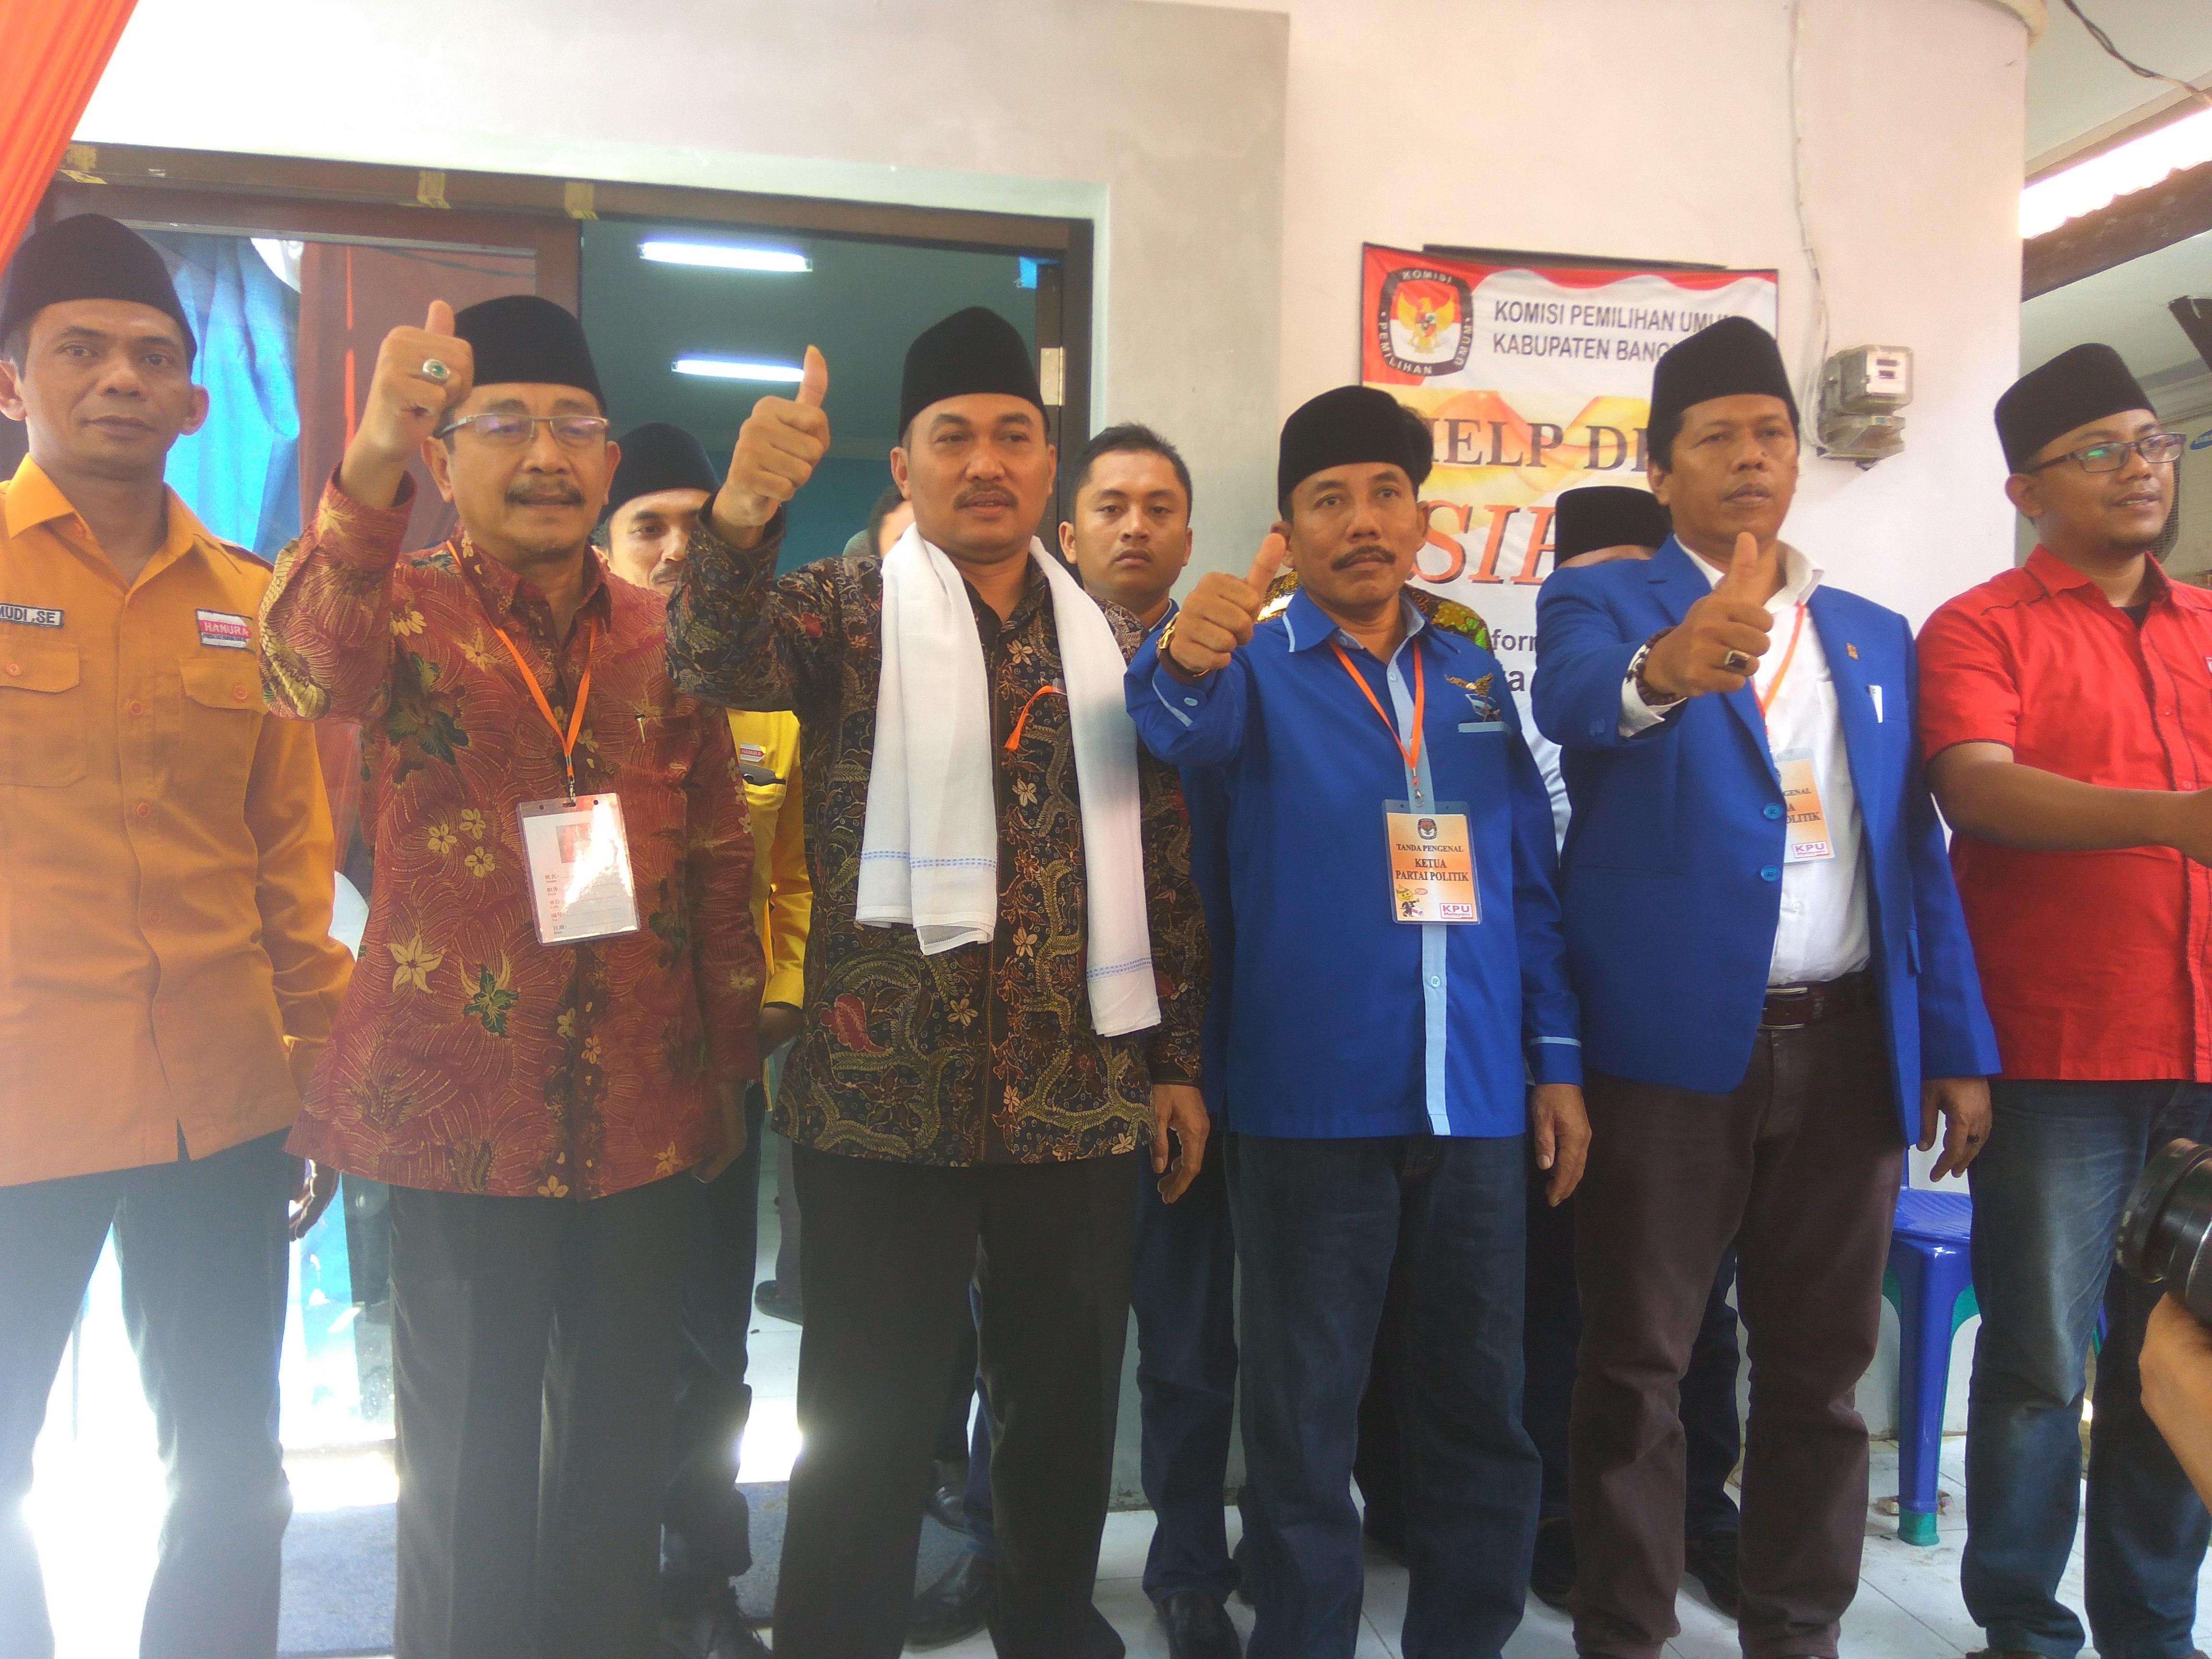 Resmi Daftar ke KPU,  Farid Alfauzi : Saya Hadir untuk Perubahan Bangkalan